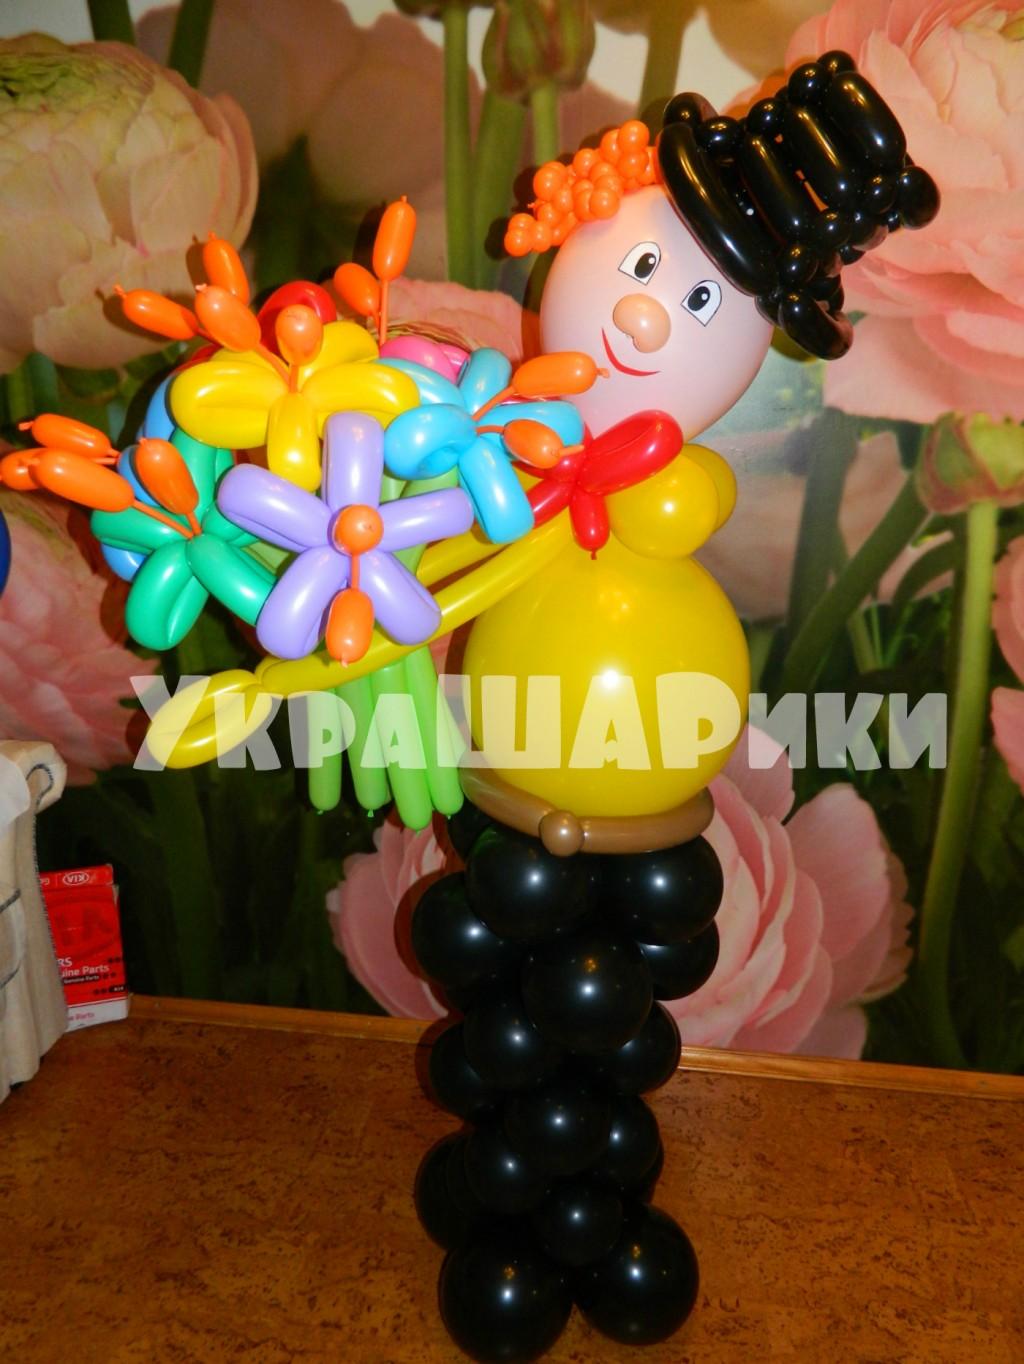 Шарами ваш праздник украсим 4 от 19.03.15